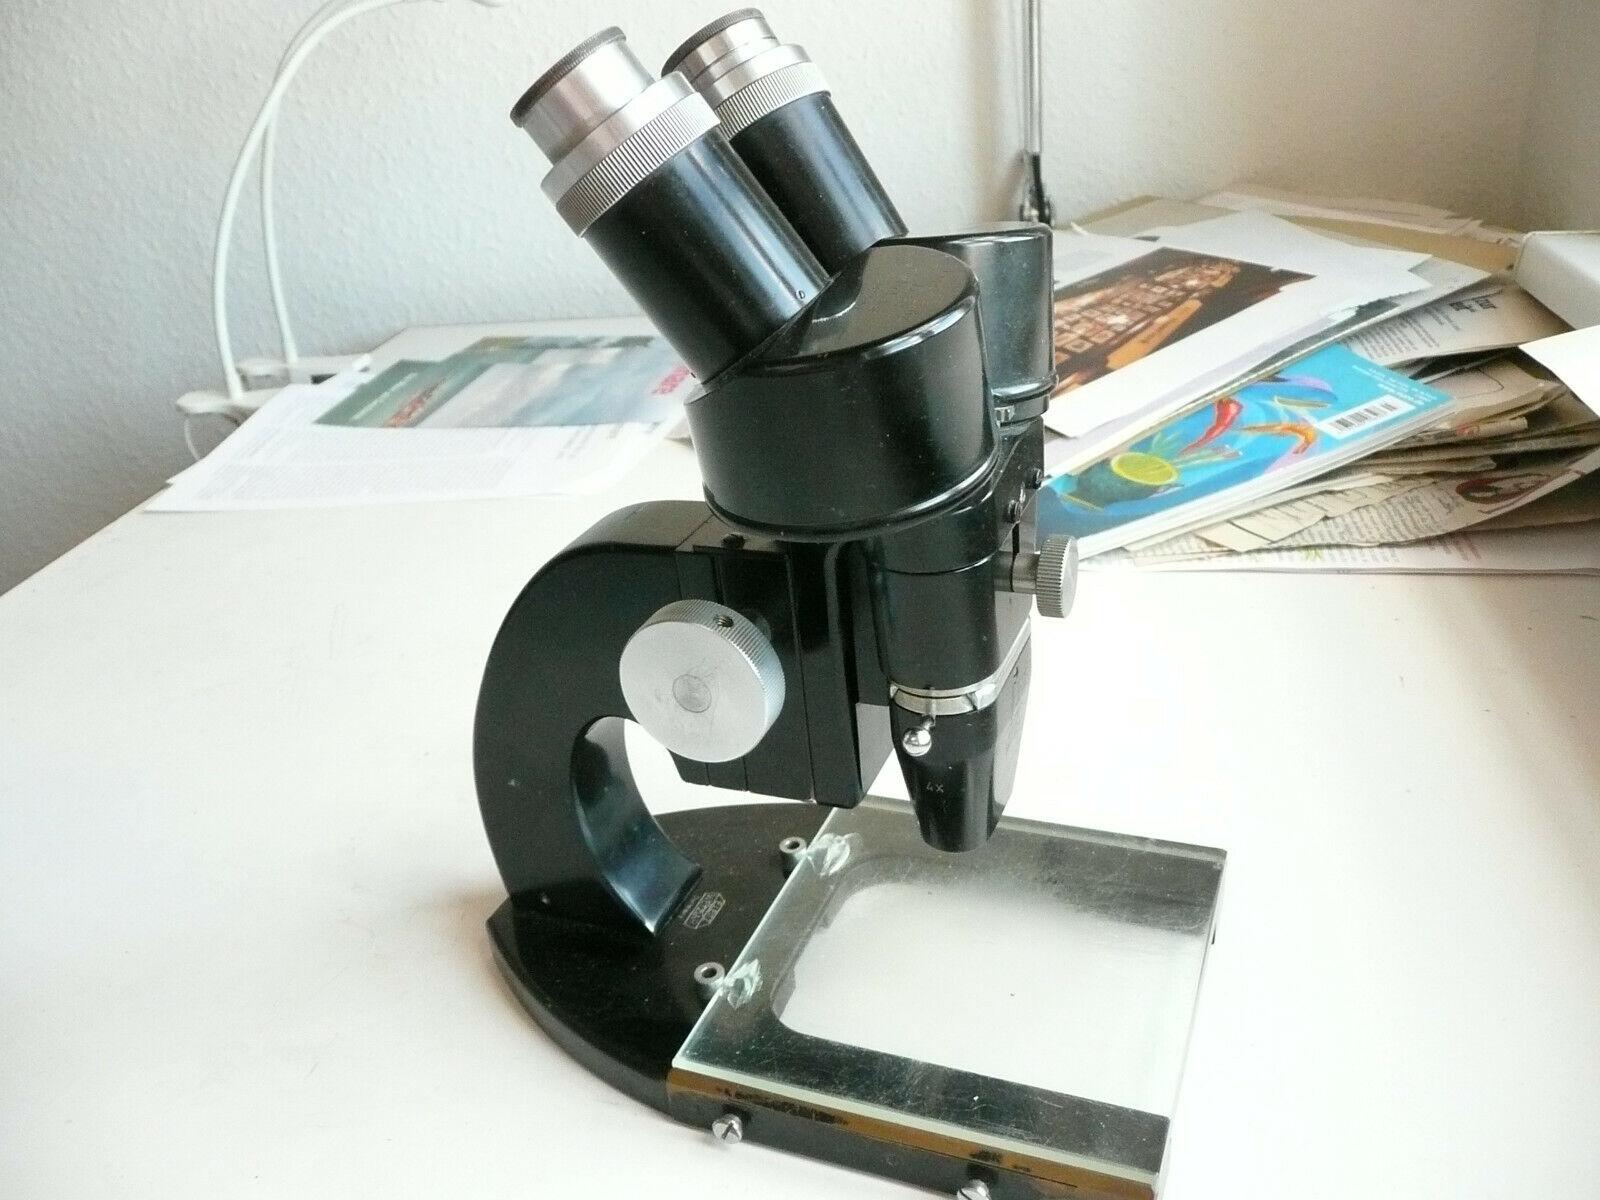 Mikroskop Ernst Leitz Wetzlar Stereo 72x mitfür WechselOptik